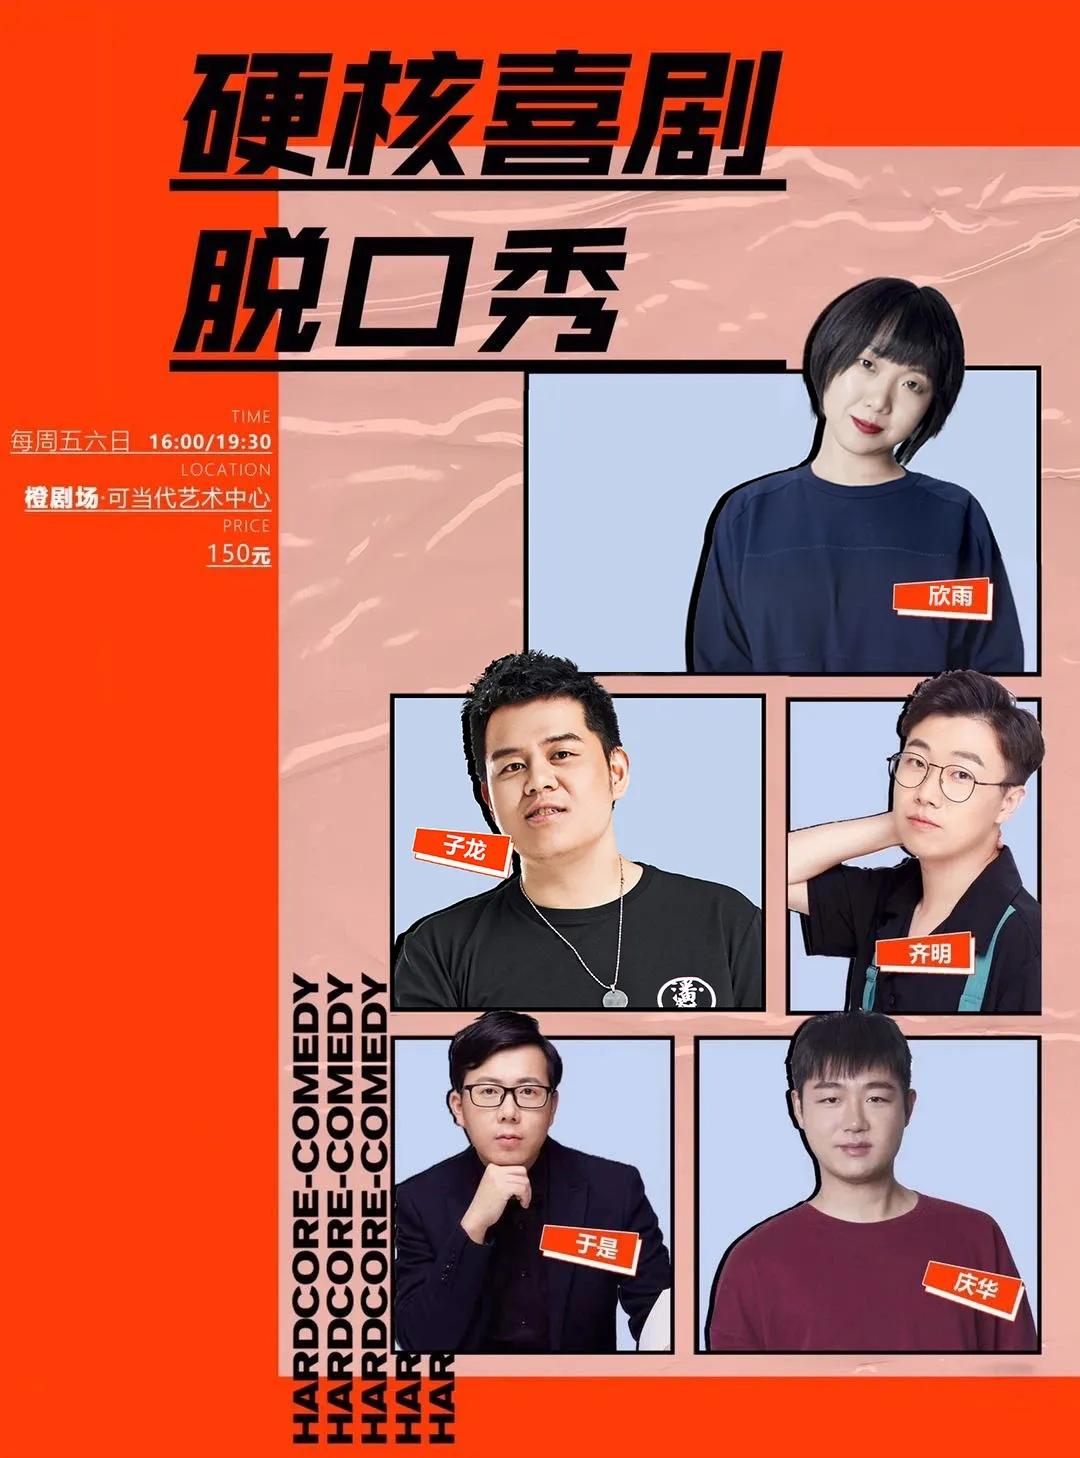 上海硬核喜剧脱口秀